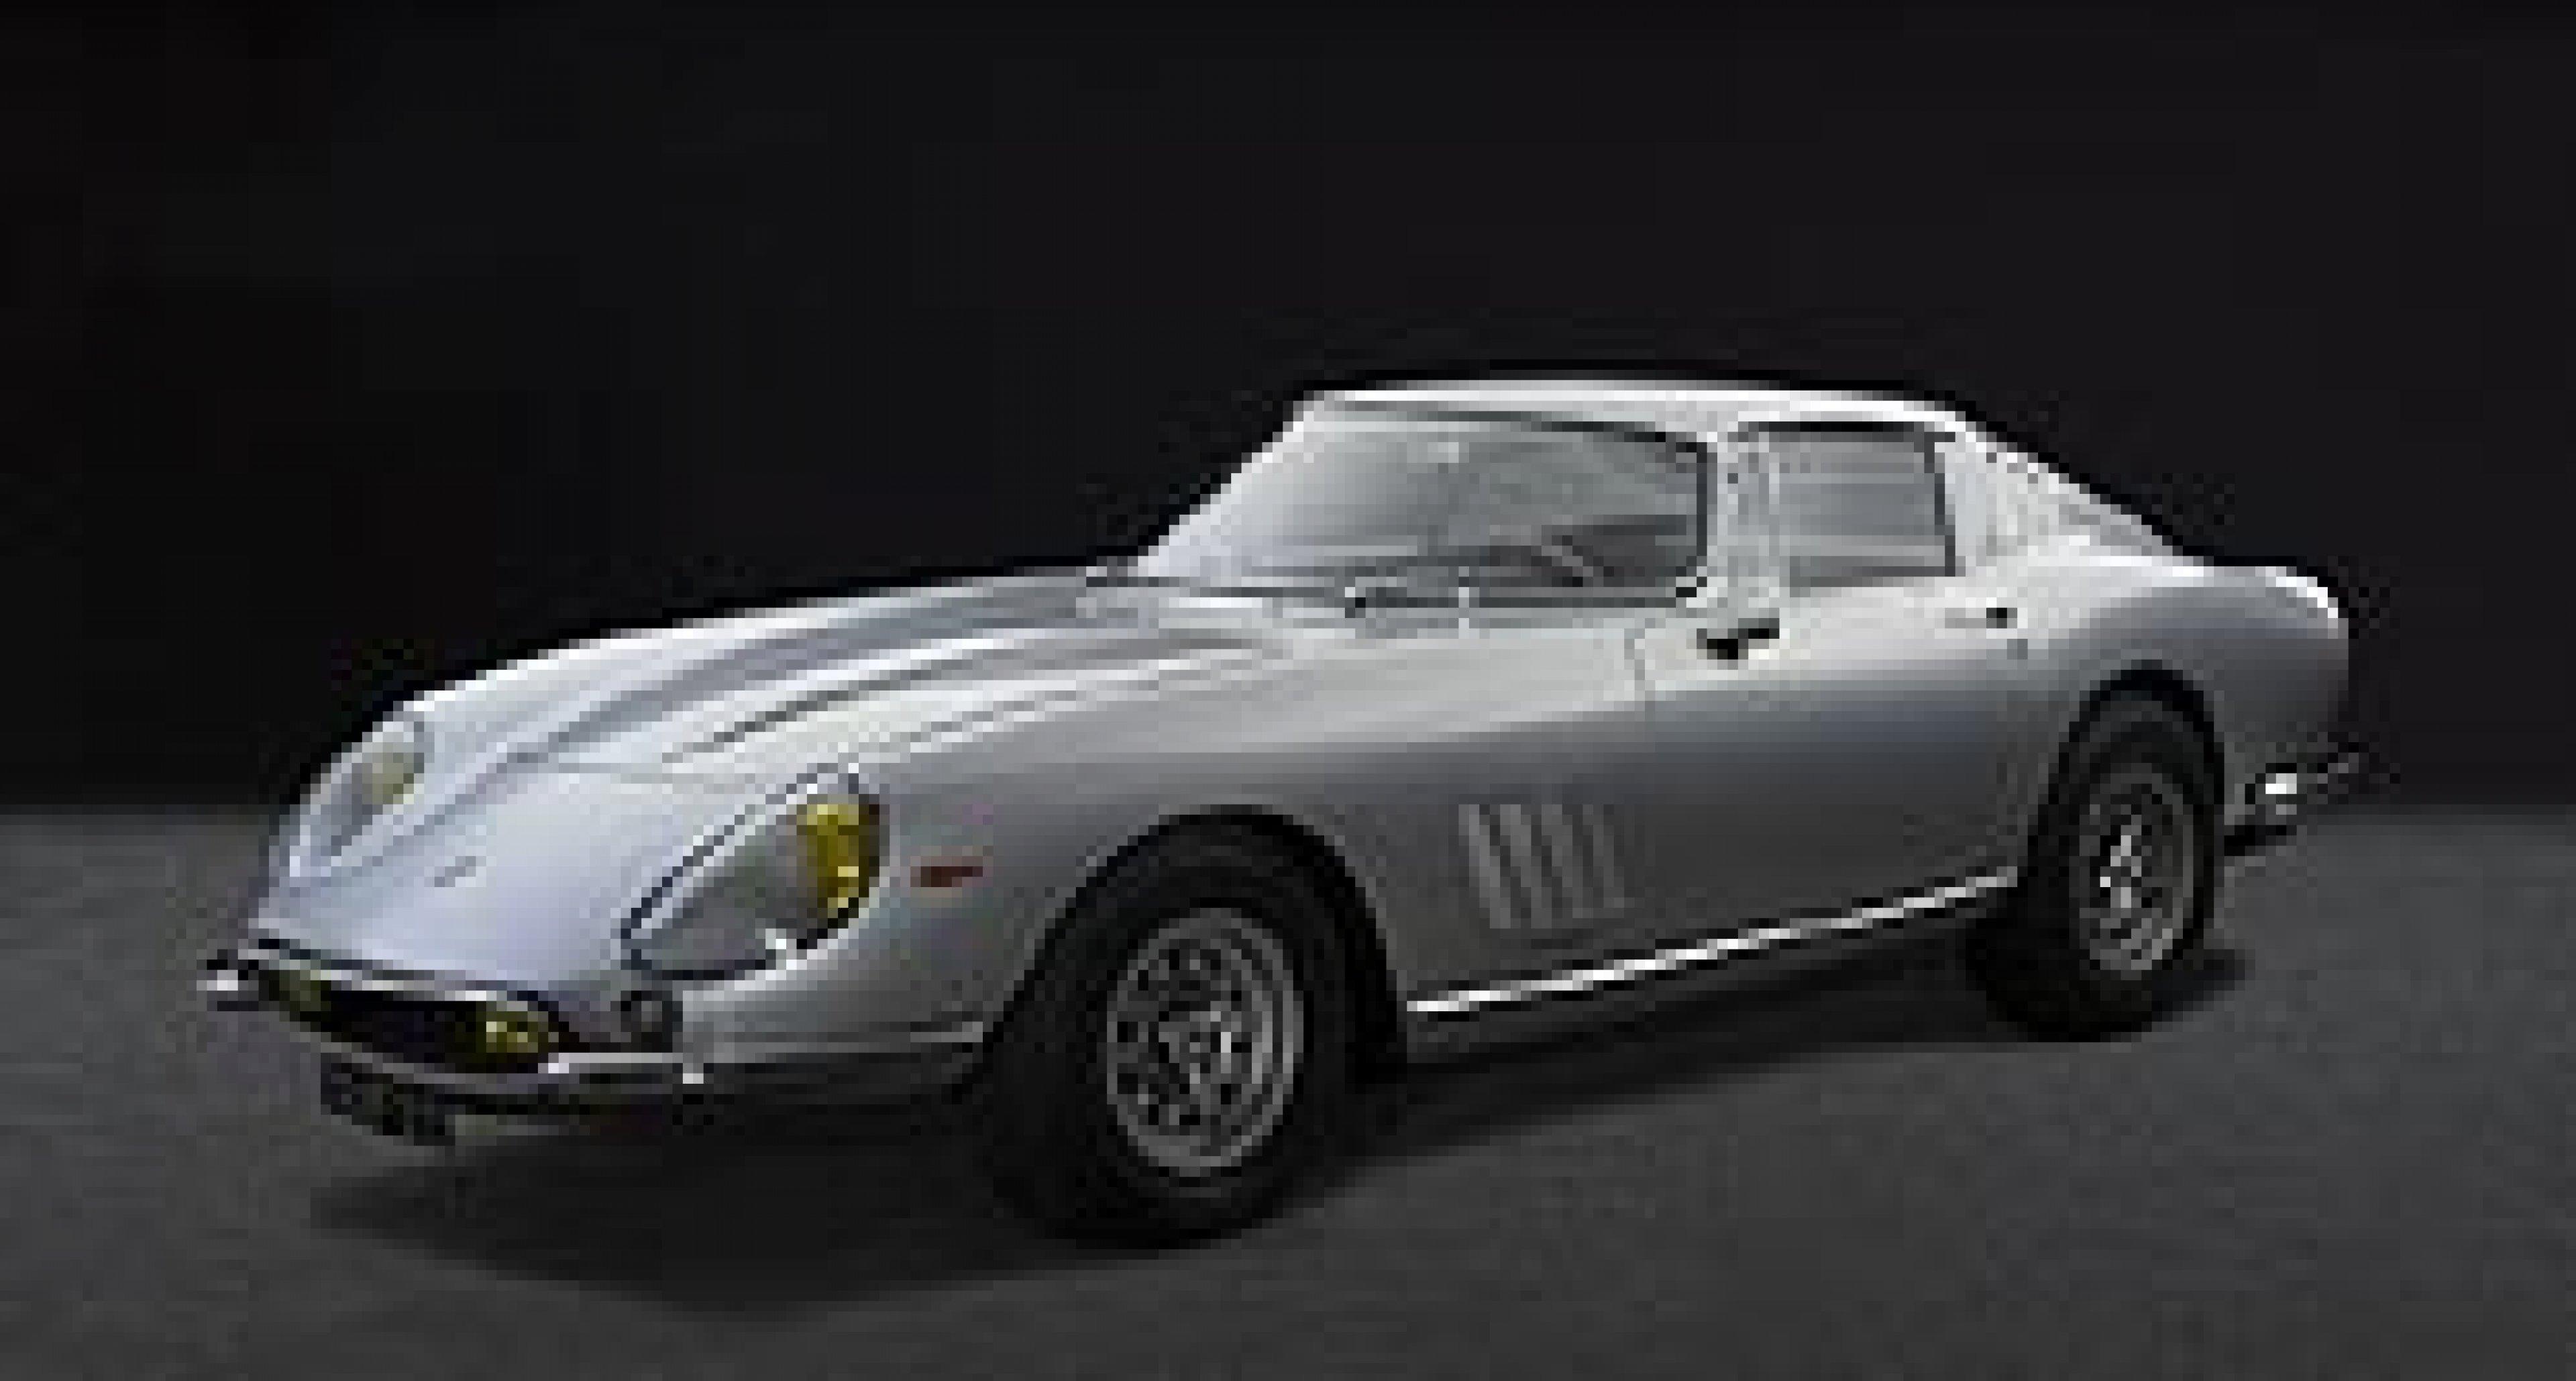 Artcurial Auction  'Automobiles sur les Champs', Paris, 13 June 2011: Review